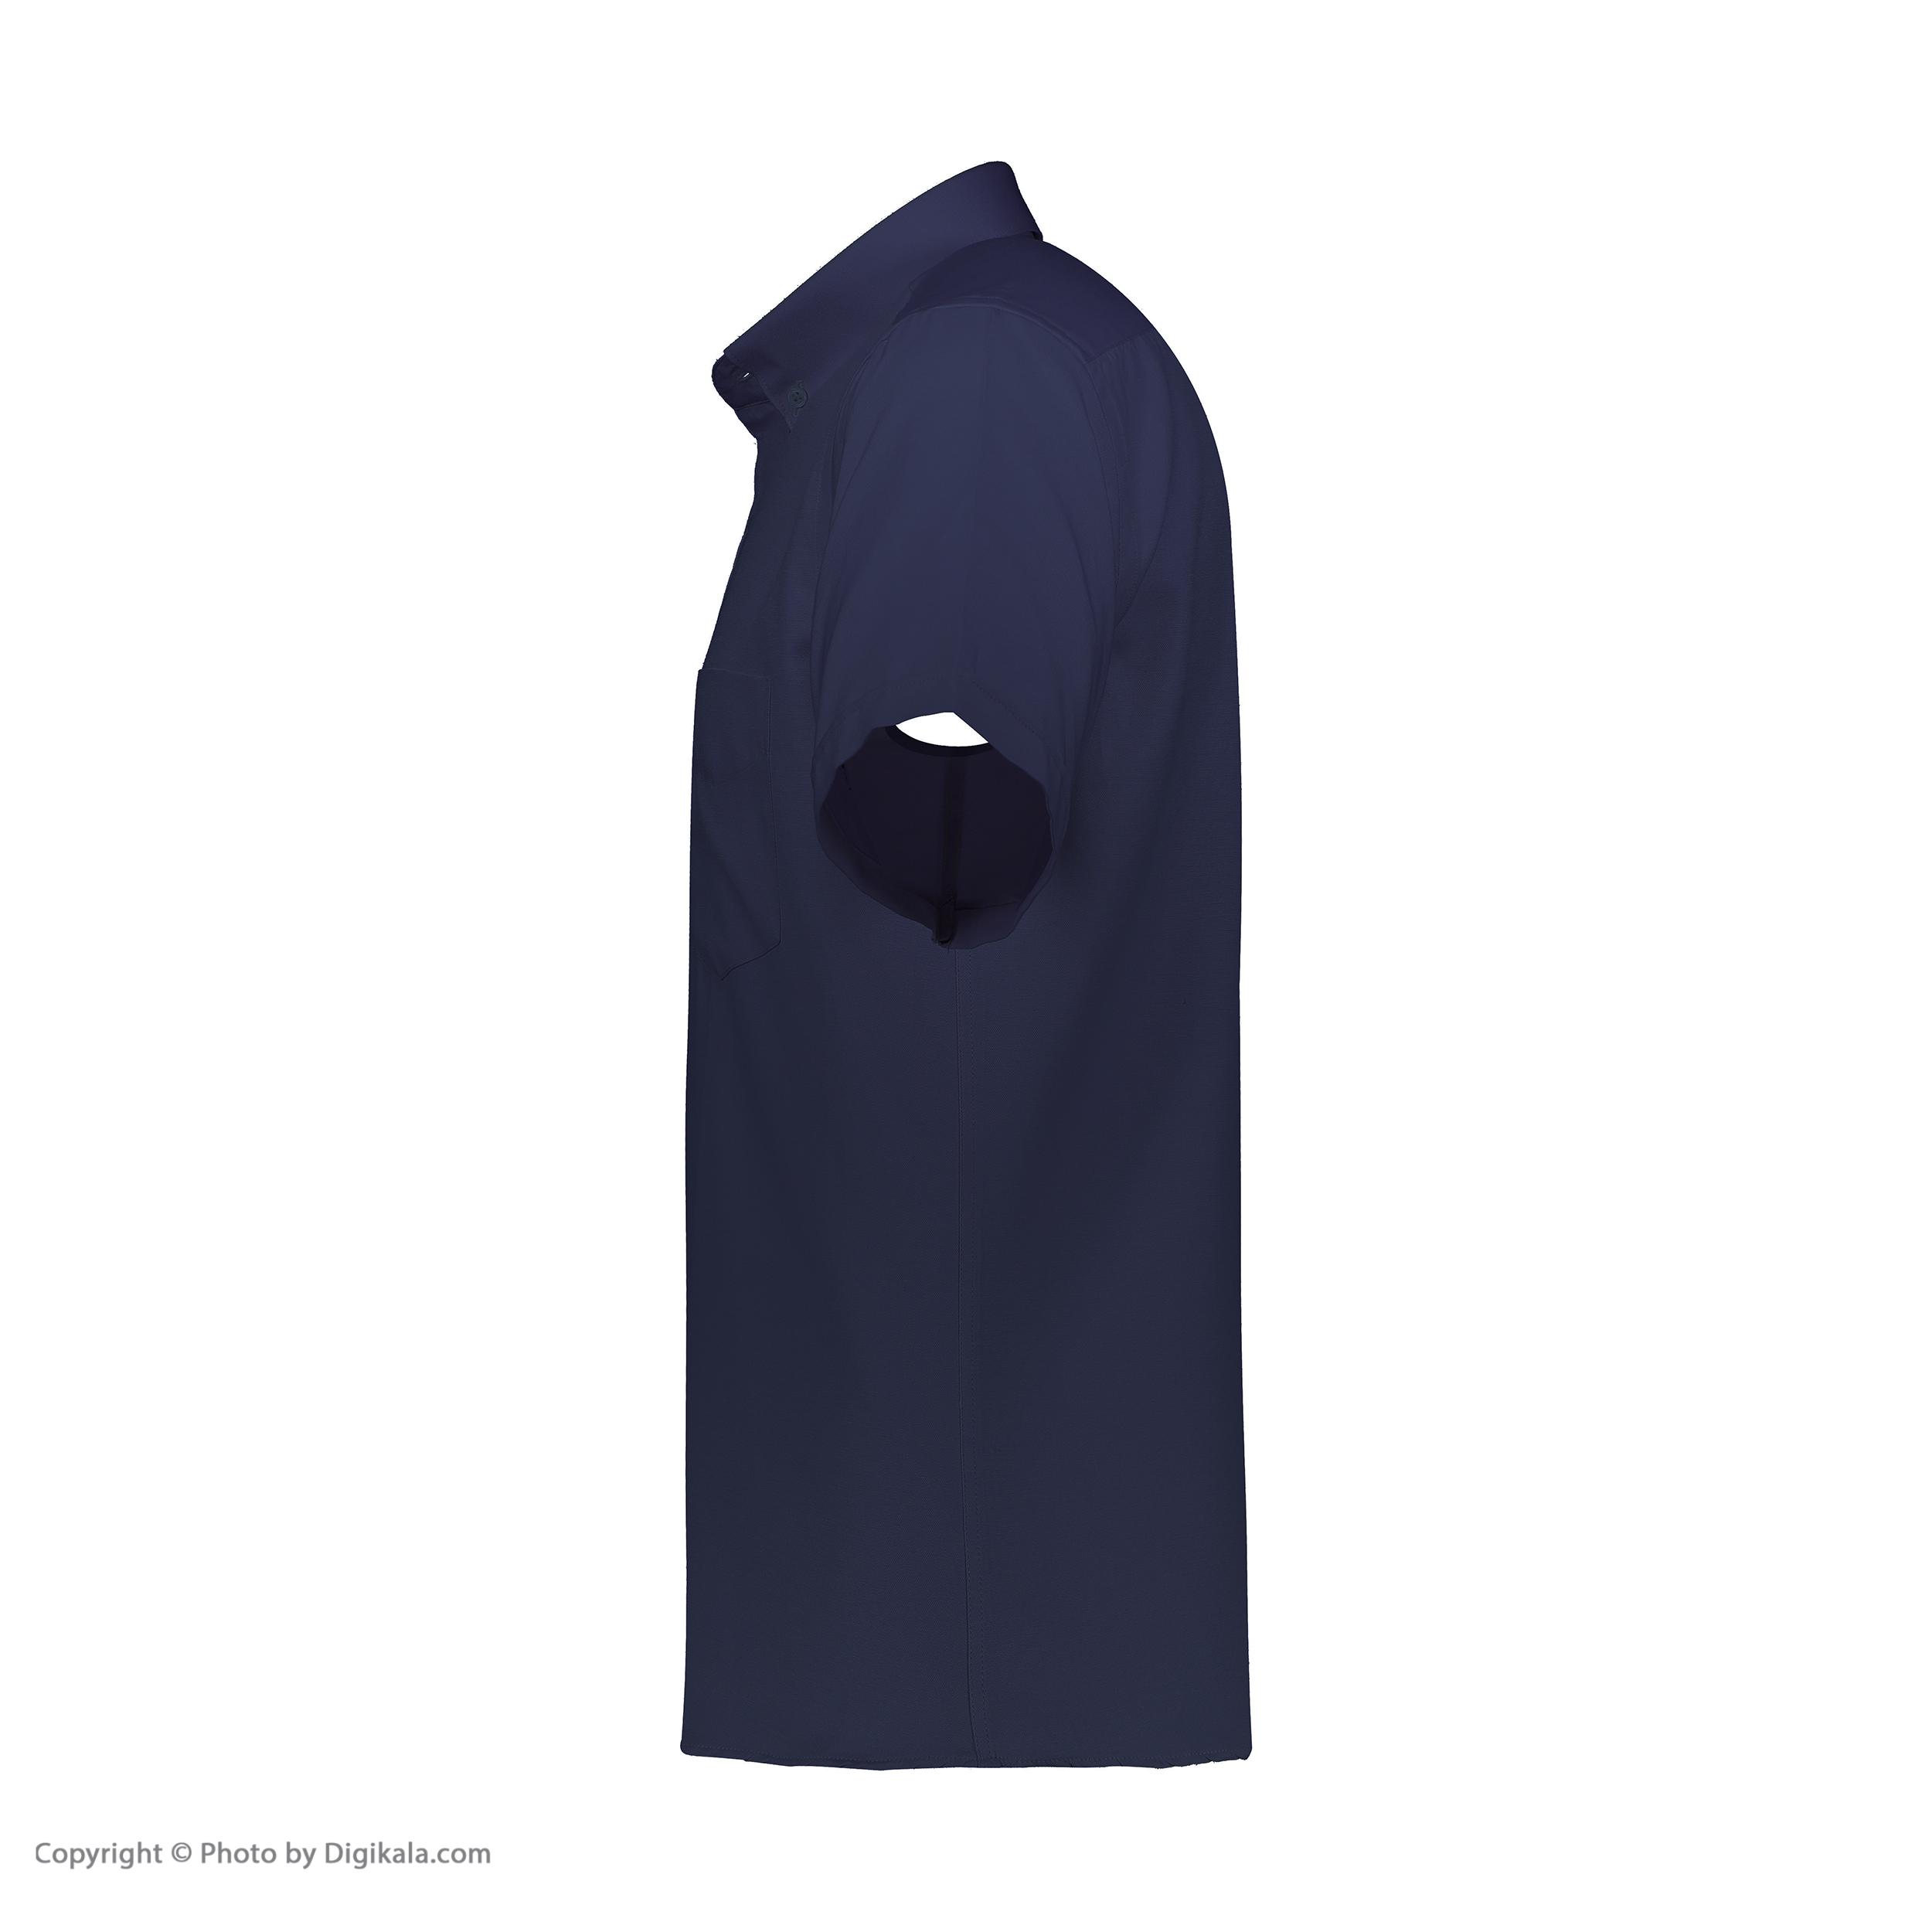 پیراهن مردانه زی مدل 153119759 -  - 2